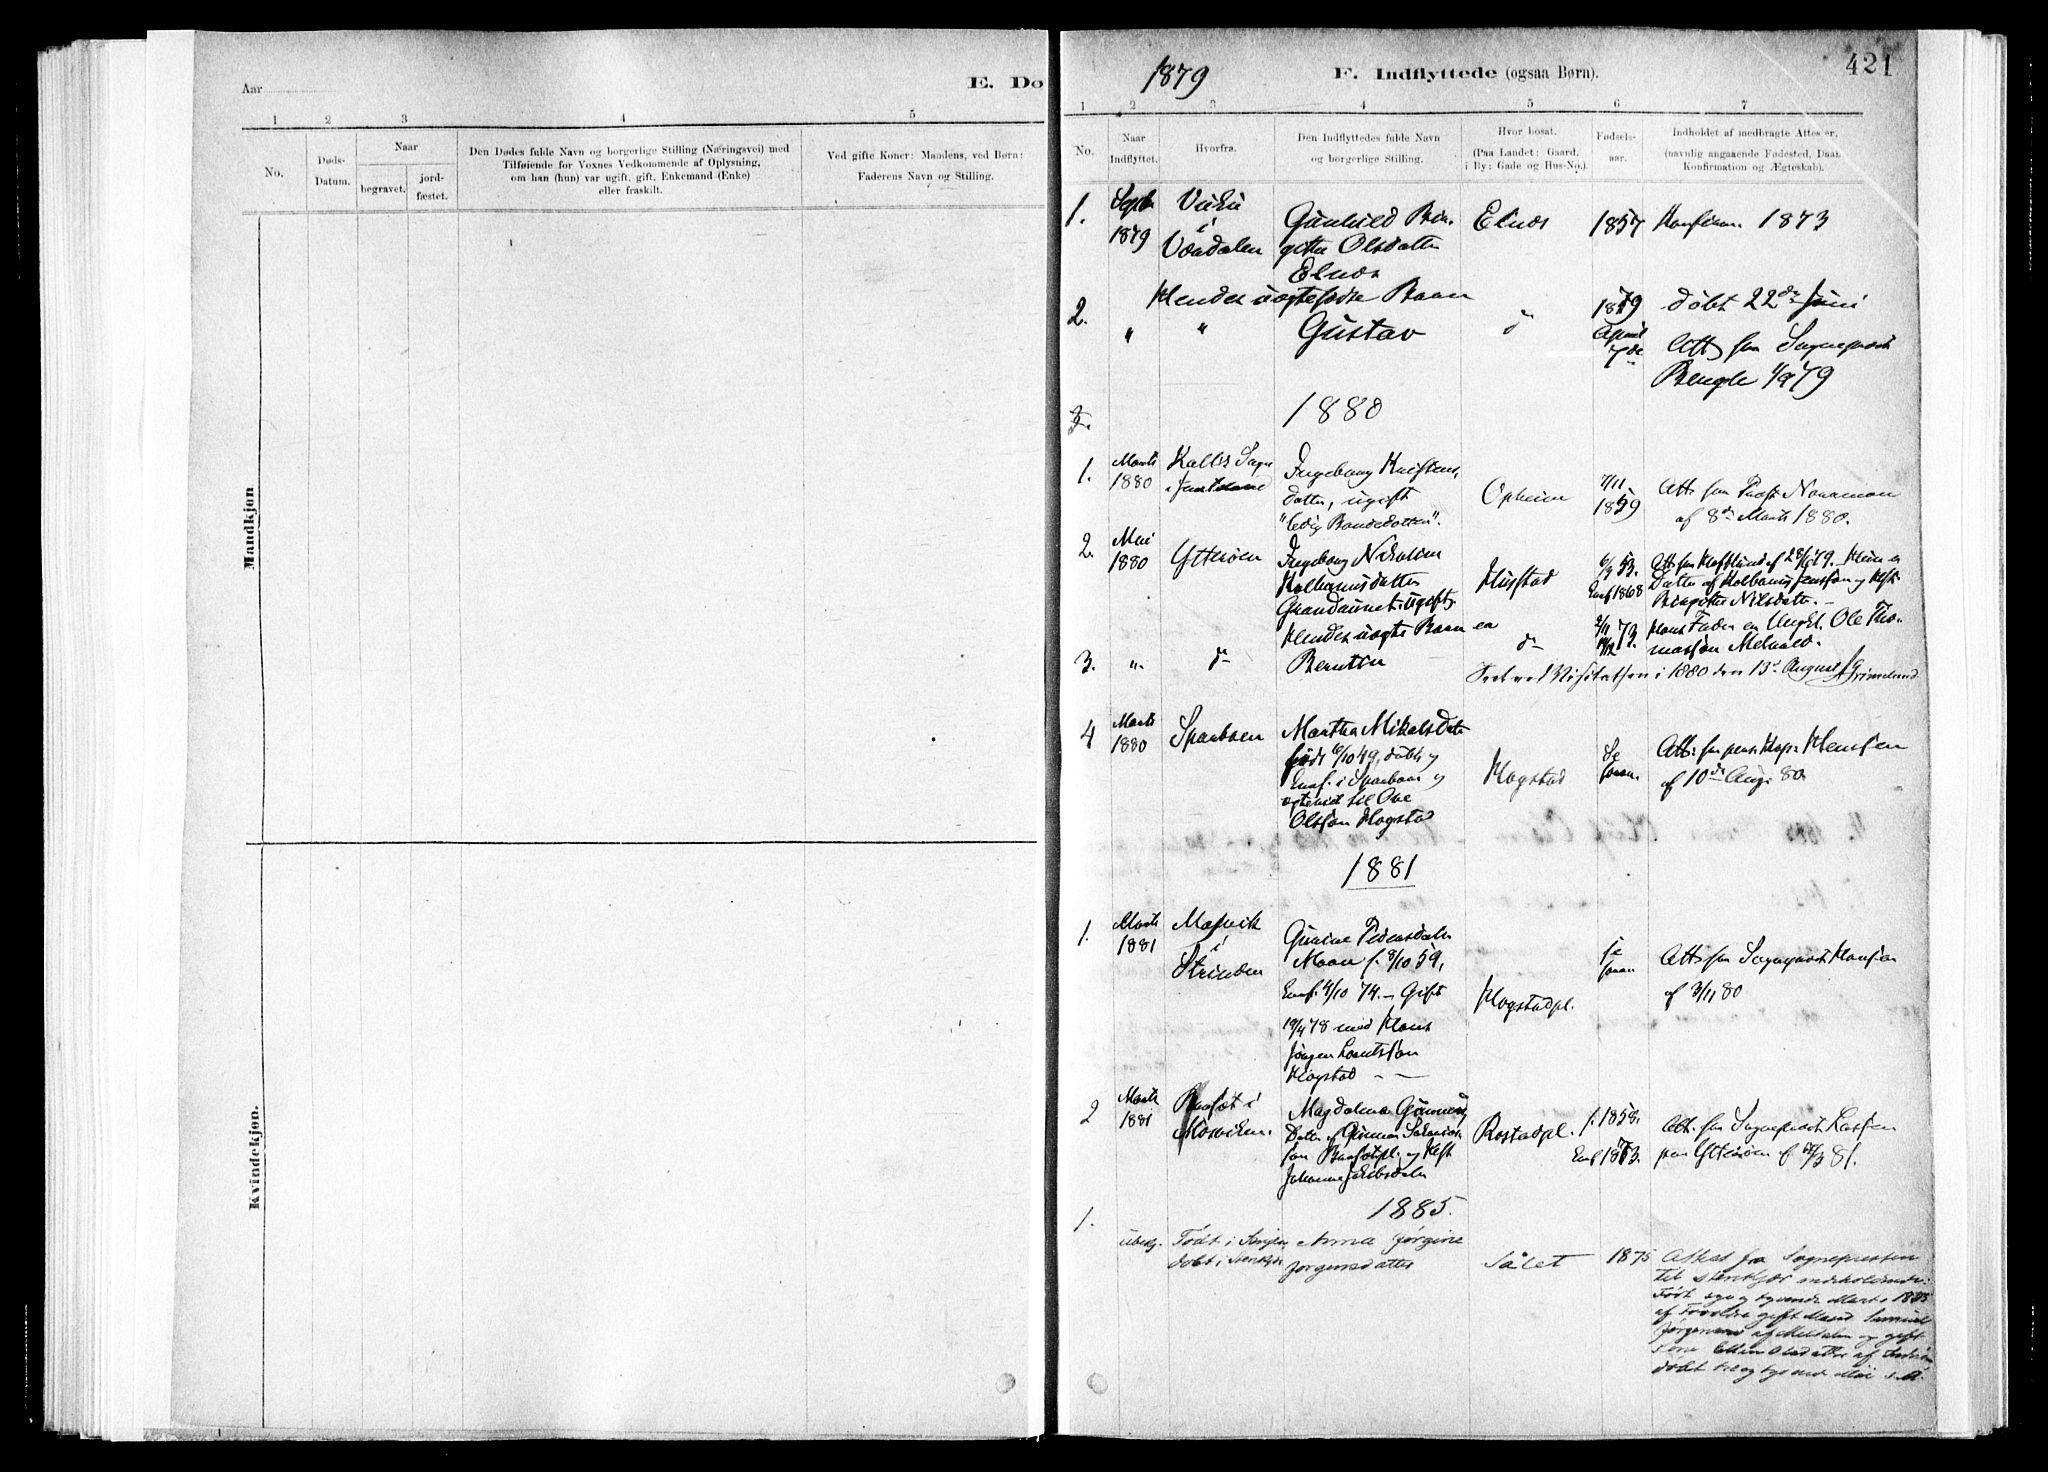 SAT, Ministerialprotokoller, klokkerbøker og fødselsregistre - Nord-Trøndelag, 730/L0285: Parish register (official) no. 730A10, 1879-1914, p. 421